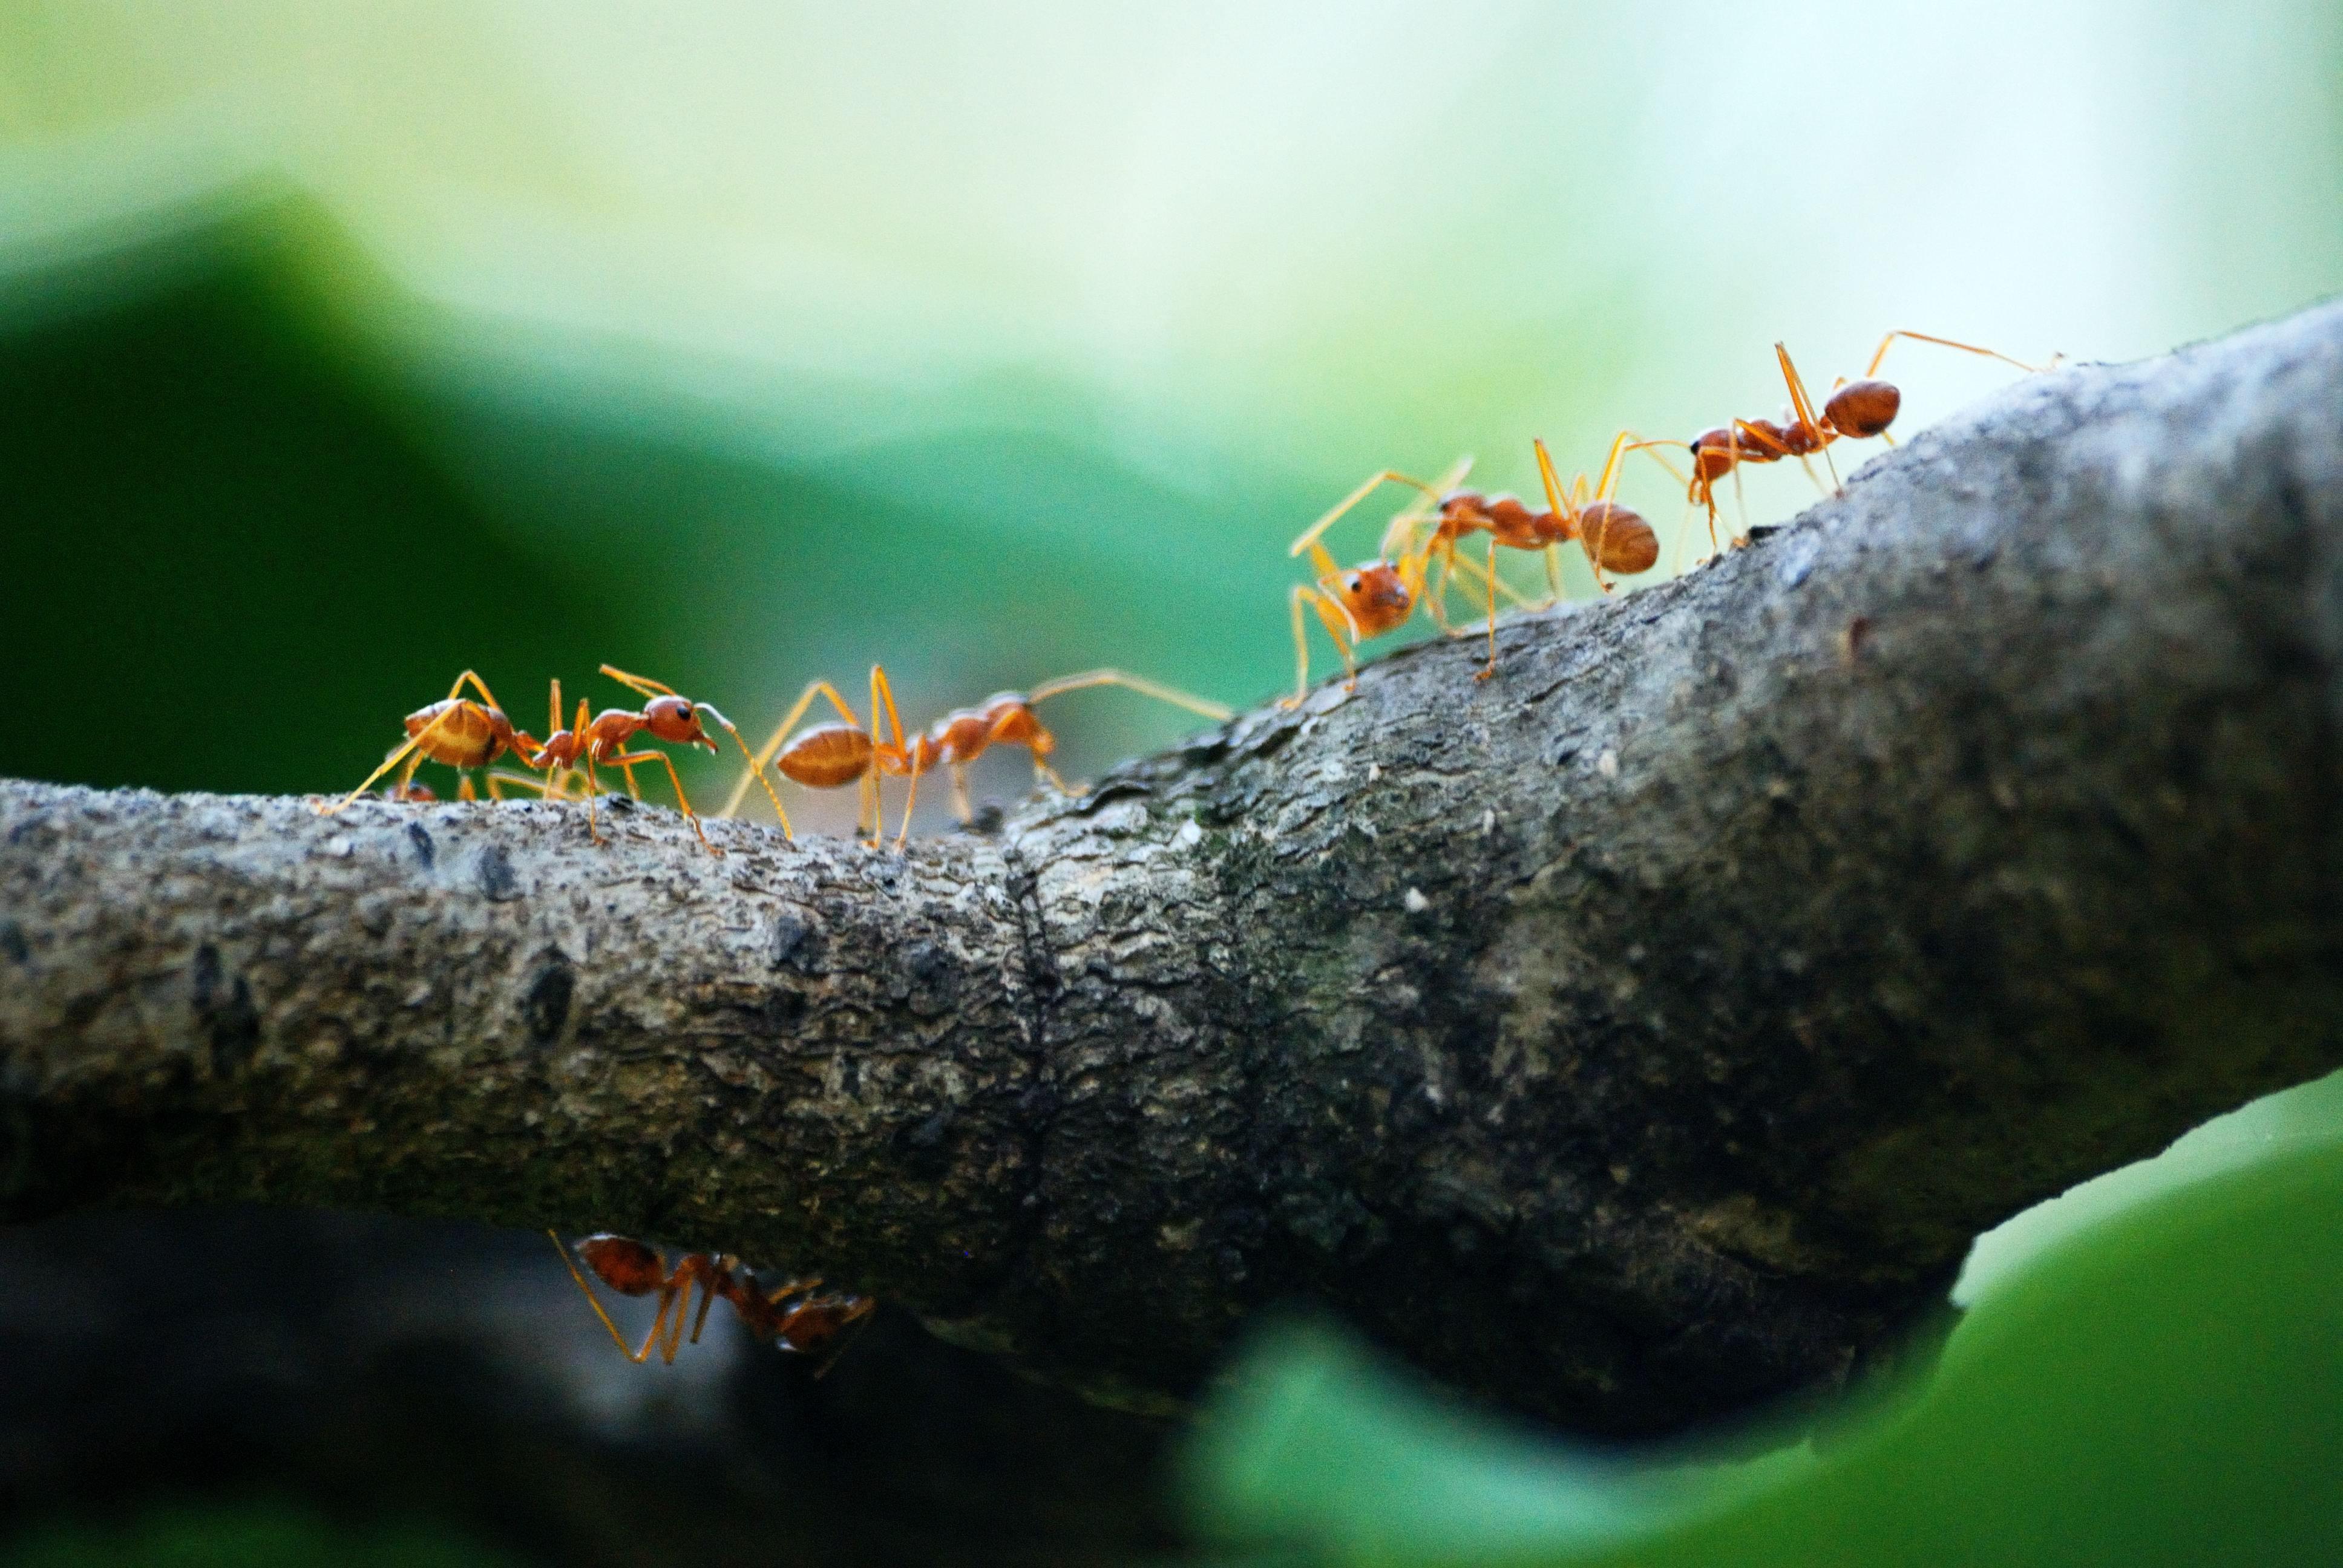 殺螞蟻推薦你找除蟲專家